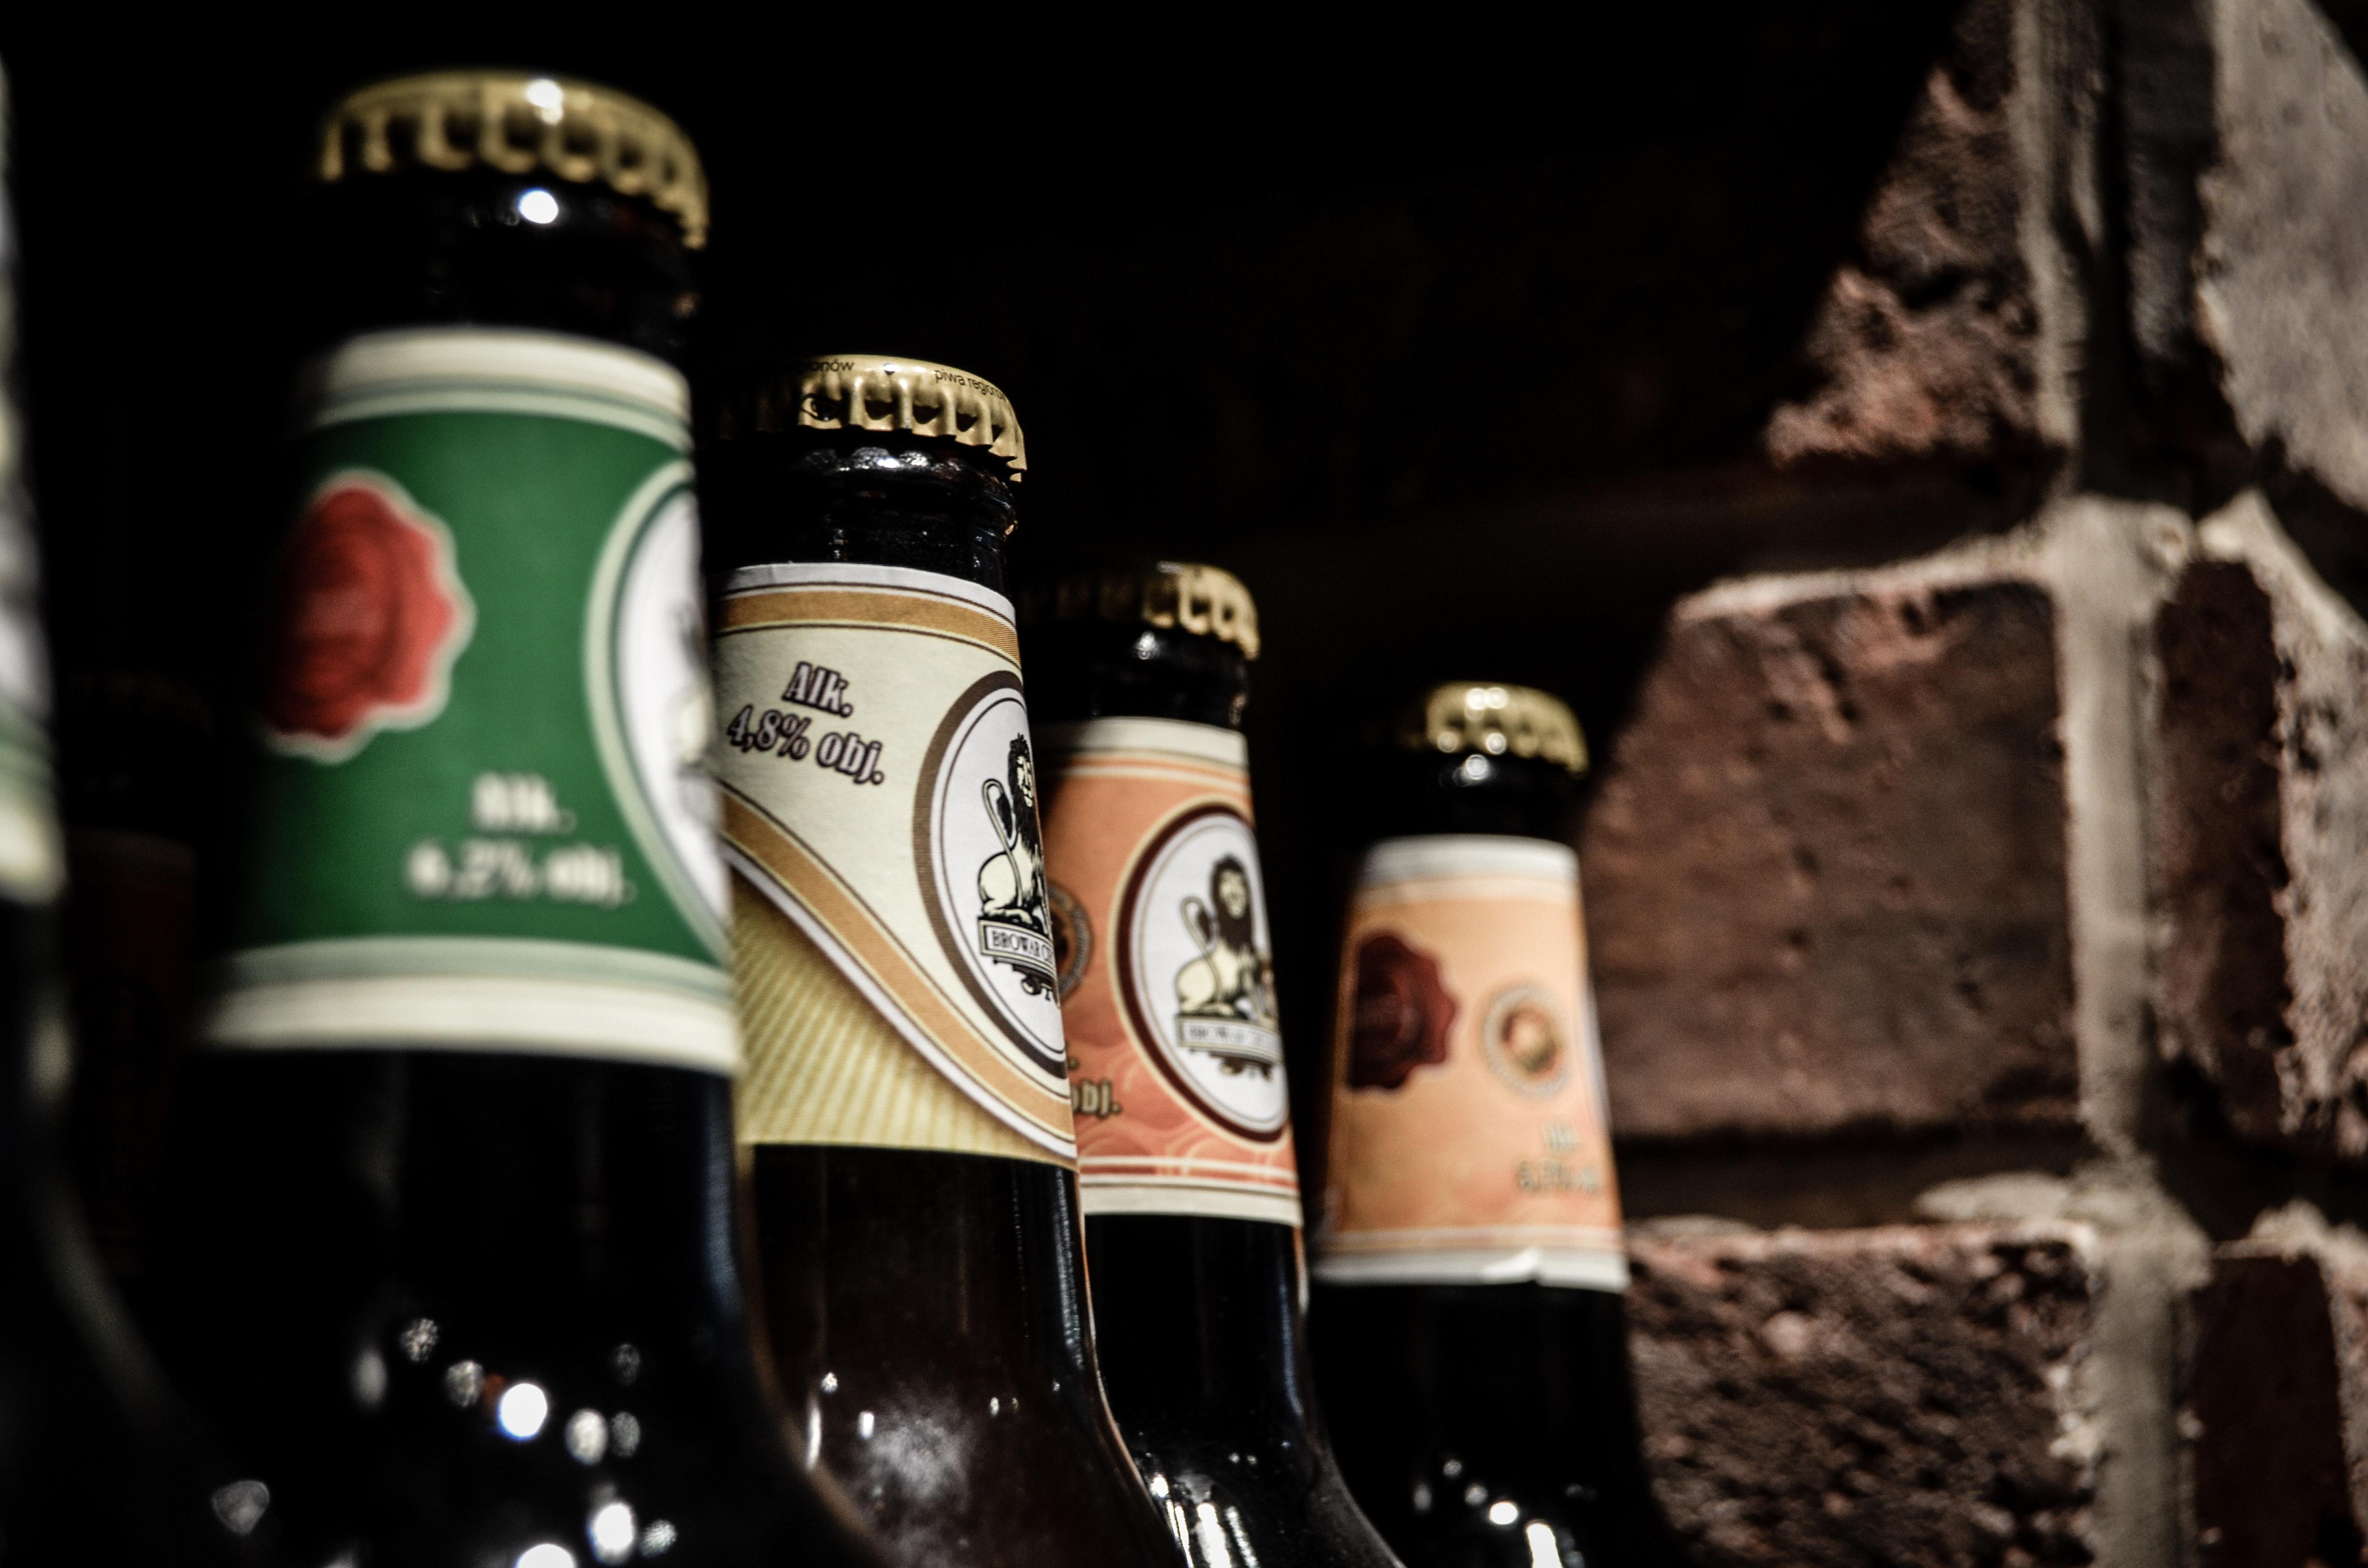 piwo, cena piwa, piwo w Europie, ile kosztuje piwo, czeskie piwo, wymiana walut, Ekantor.pl